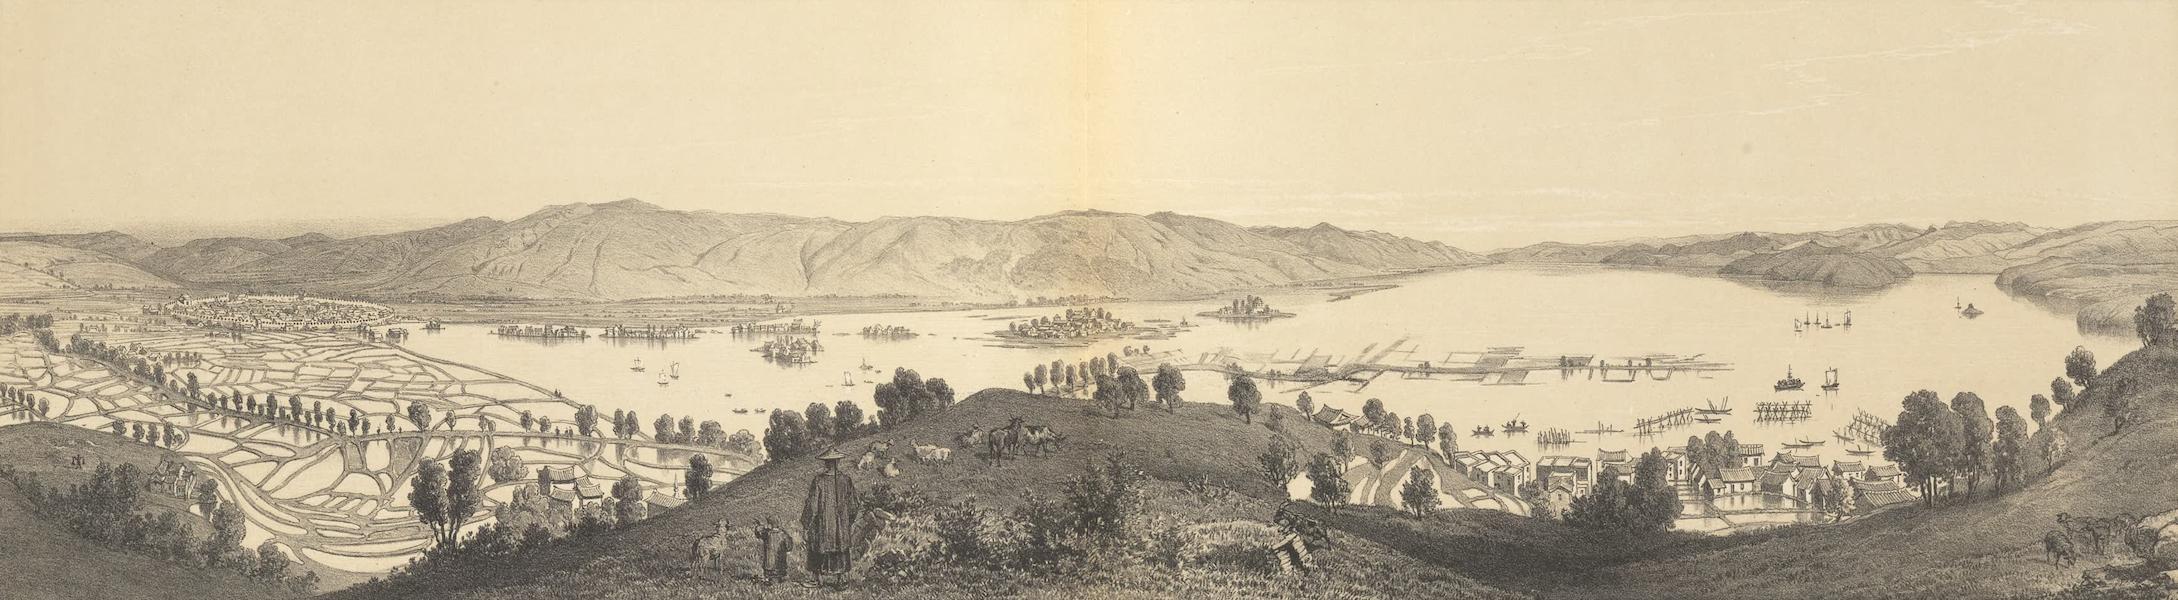 Voyage d'Exploration en Indo-Chine [Atlas-Vol. 1] - Lac et Ville de Che-Pin (1873)